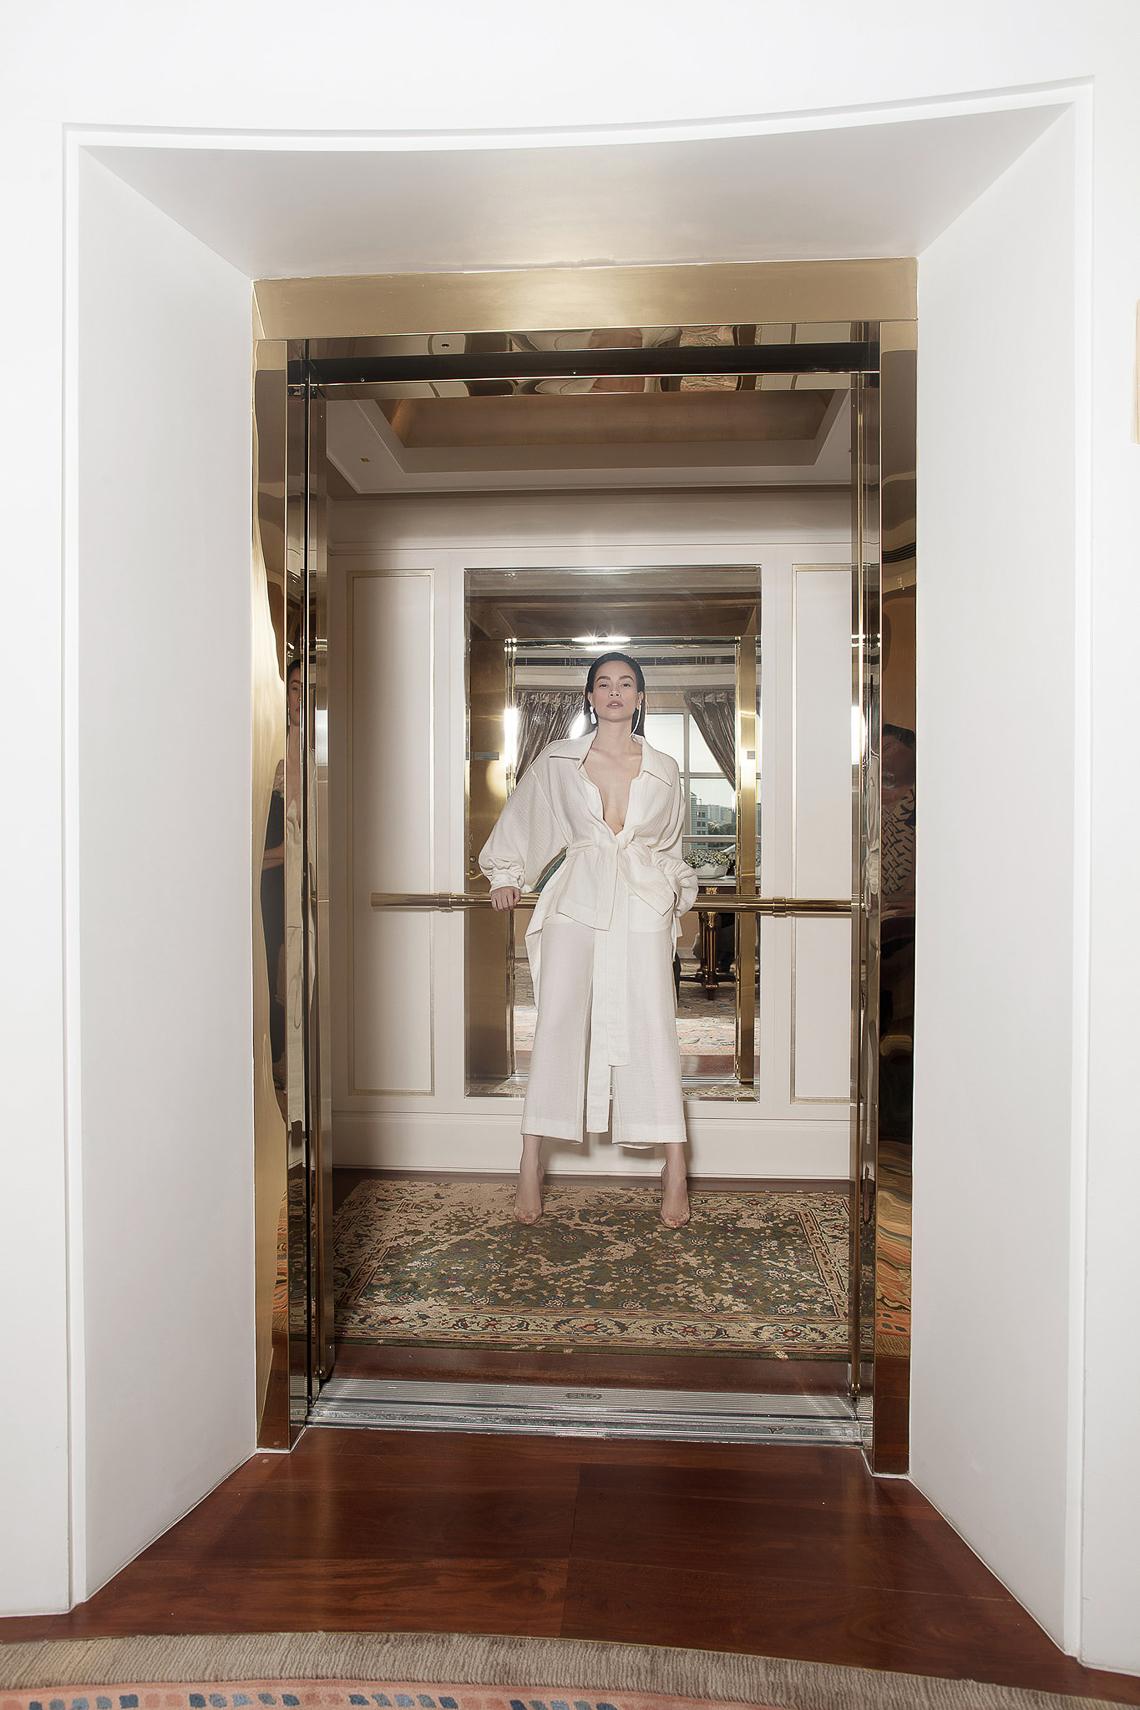 Bộ ảnh thời trang CONG TRI do Hà Hồ và Thanh Hằng lên Vogue Pháp - 1